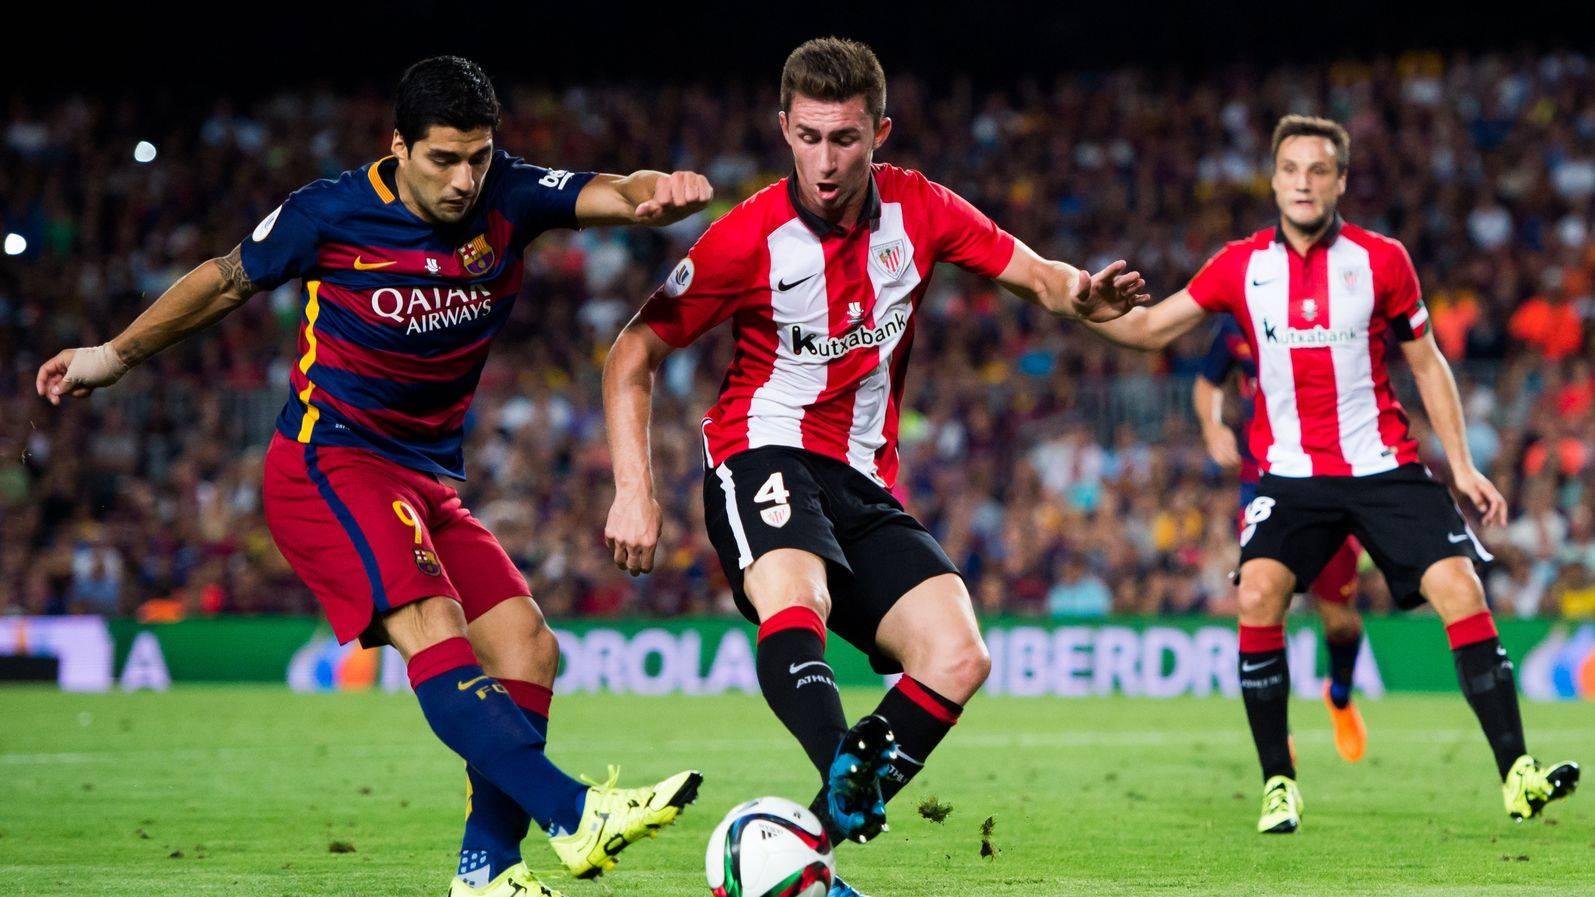 El Barça 2016-17 tendrá dos refuerzos prioritarios y algunas bajas